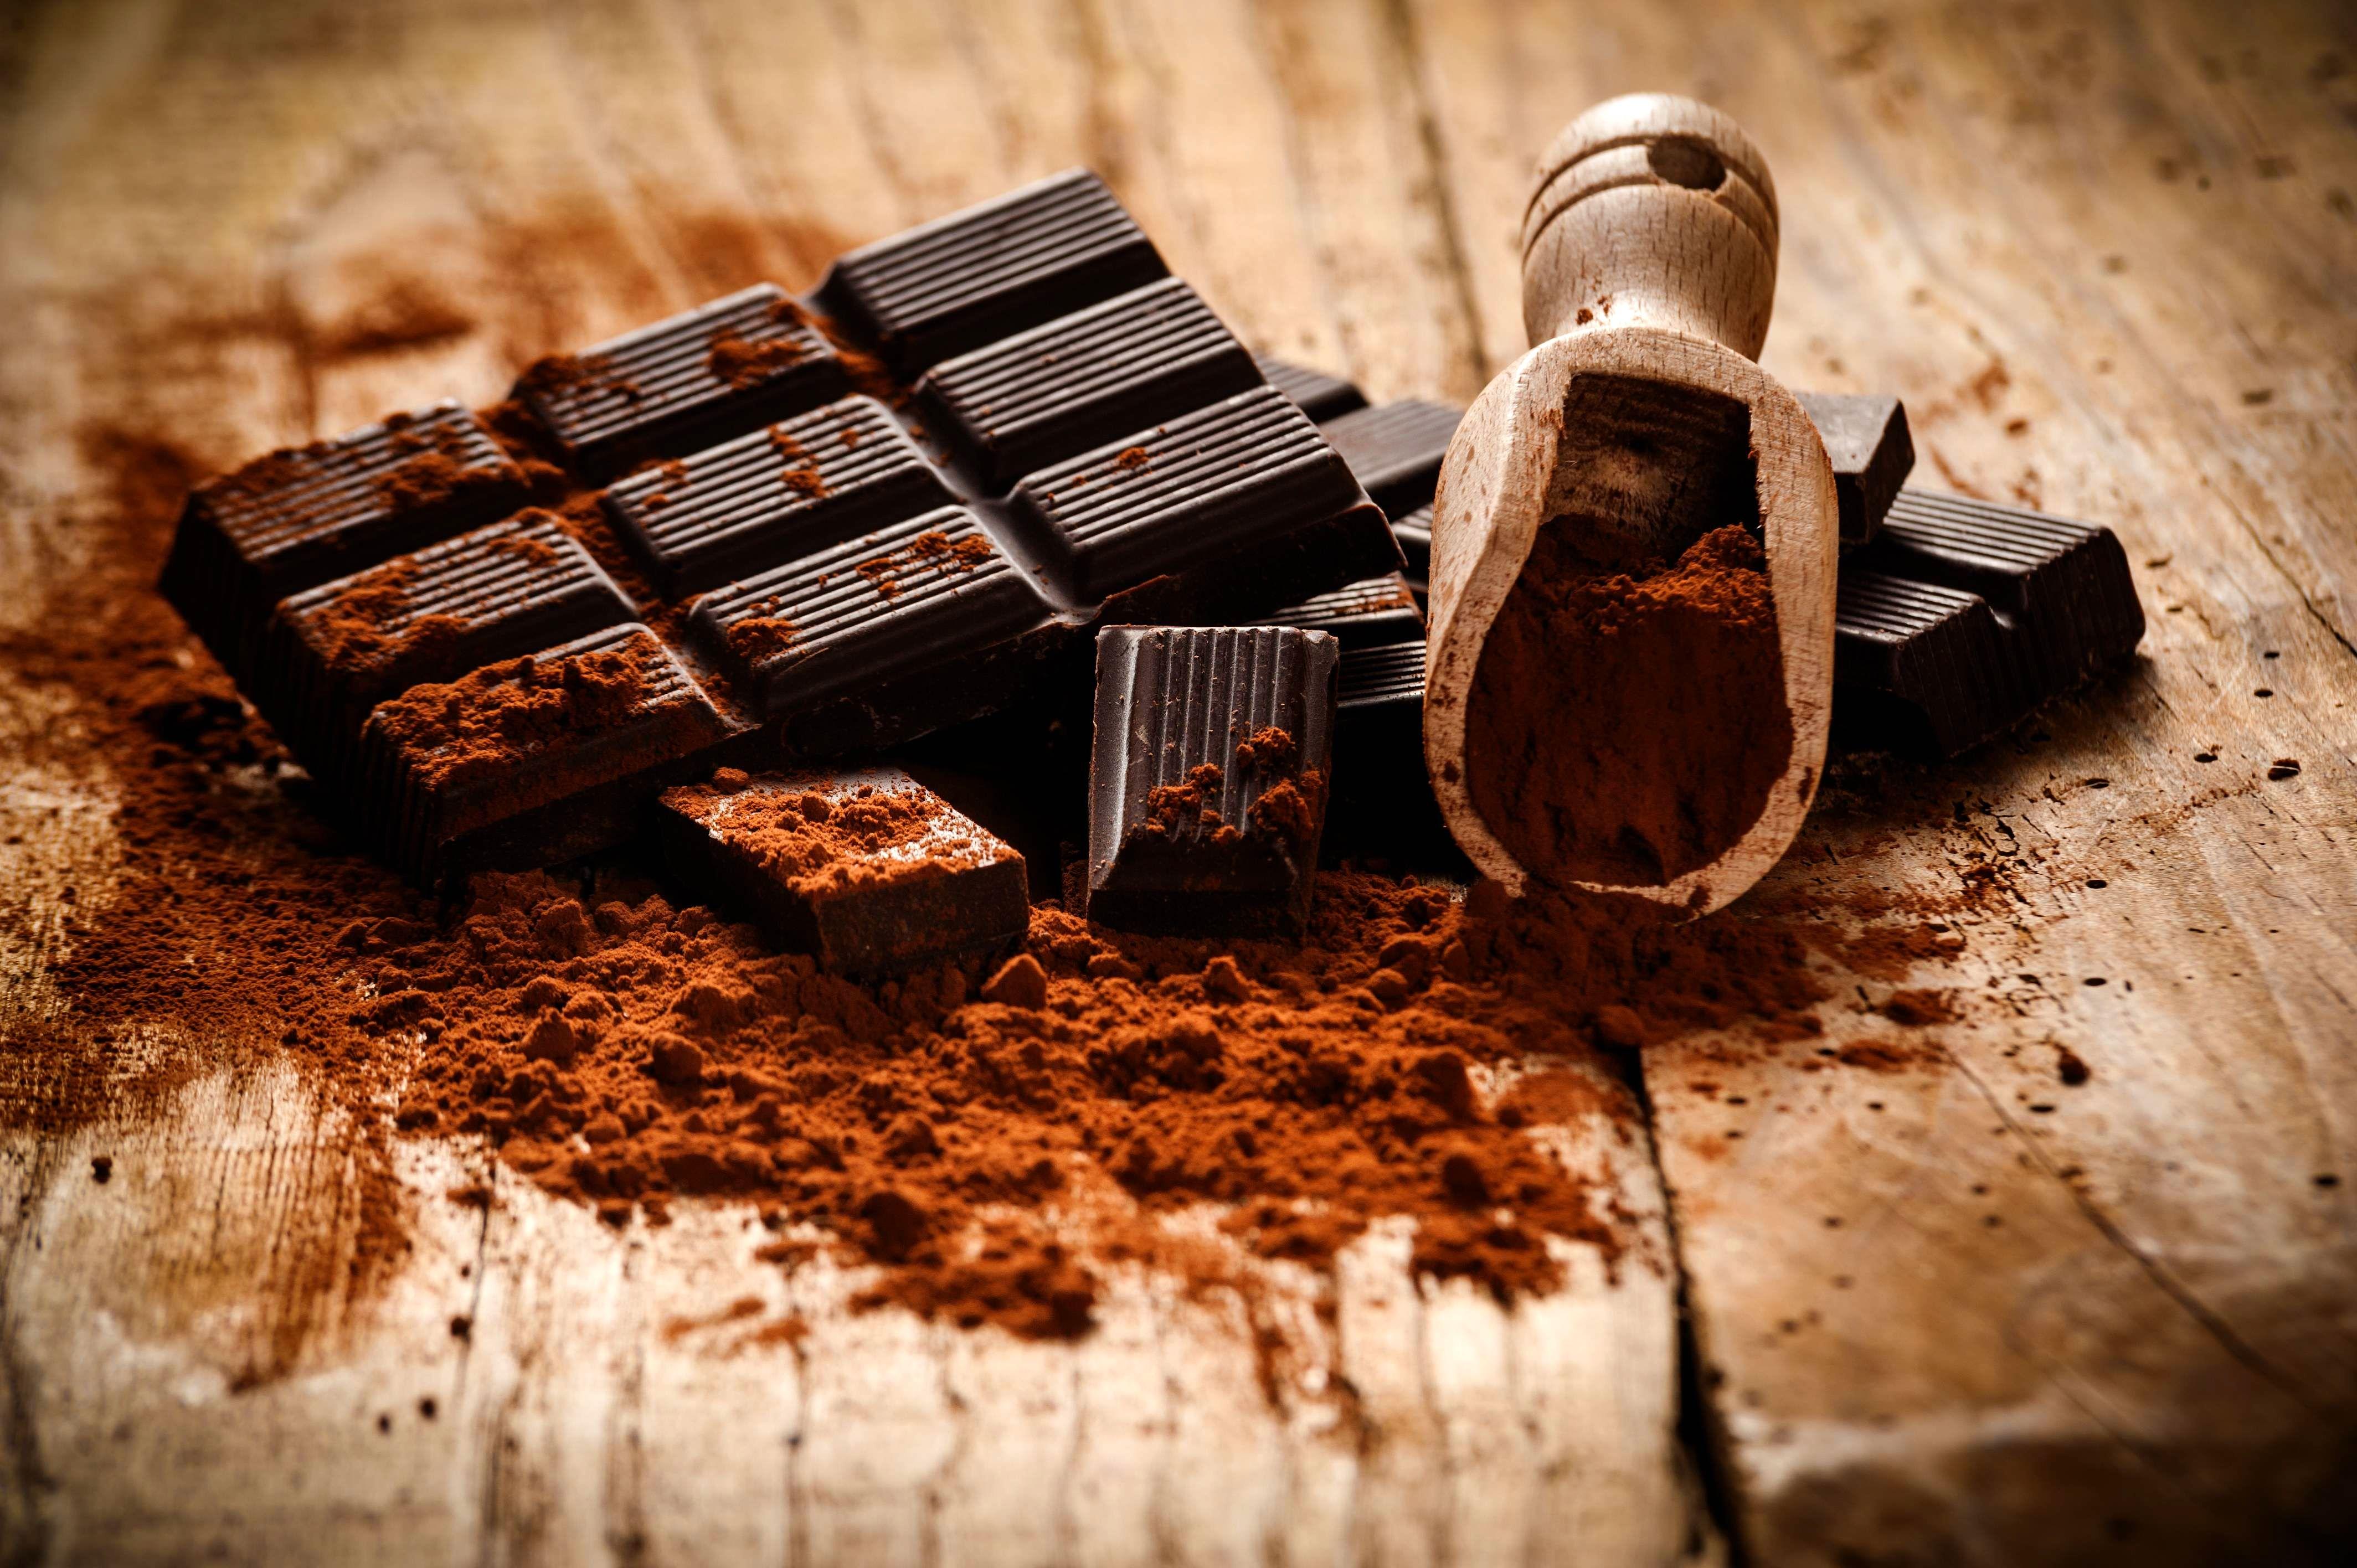 تاثیر خوردن شکلات تلخ بر سلامت انسان و یافتههای جدید دانشمندان